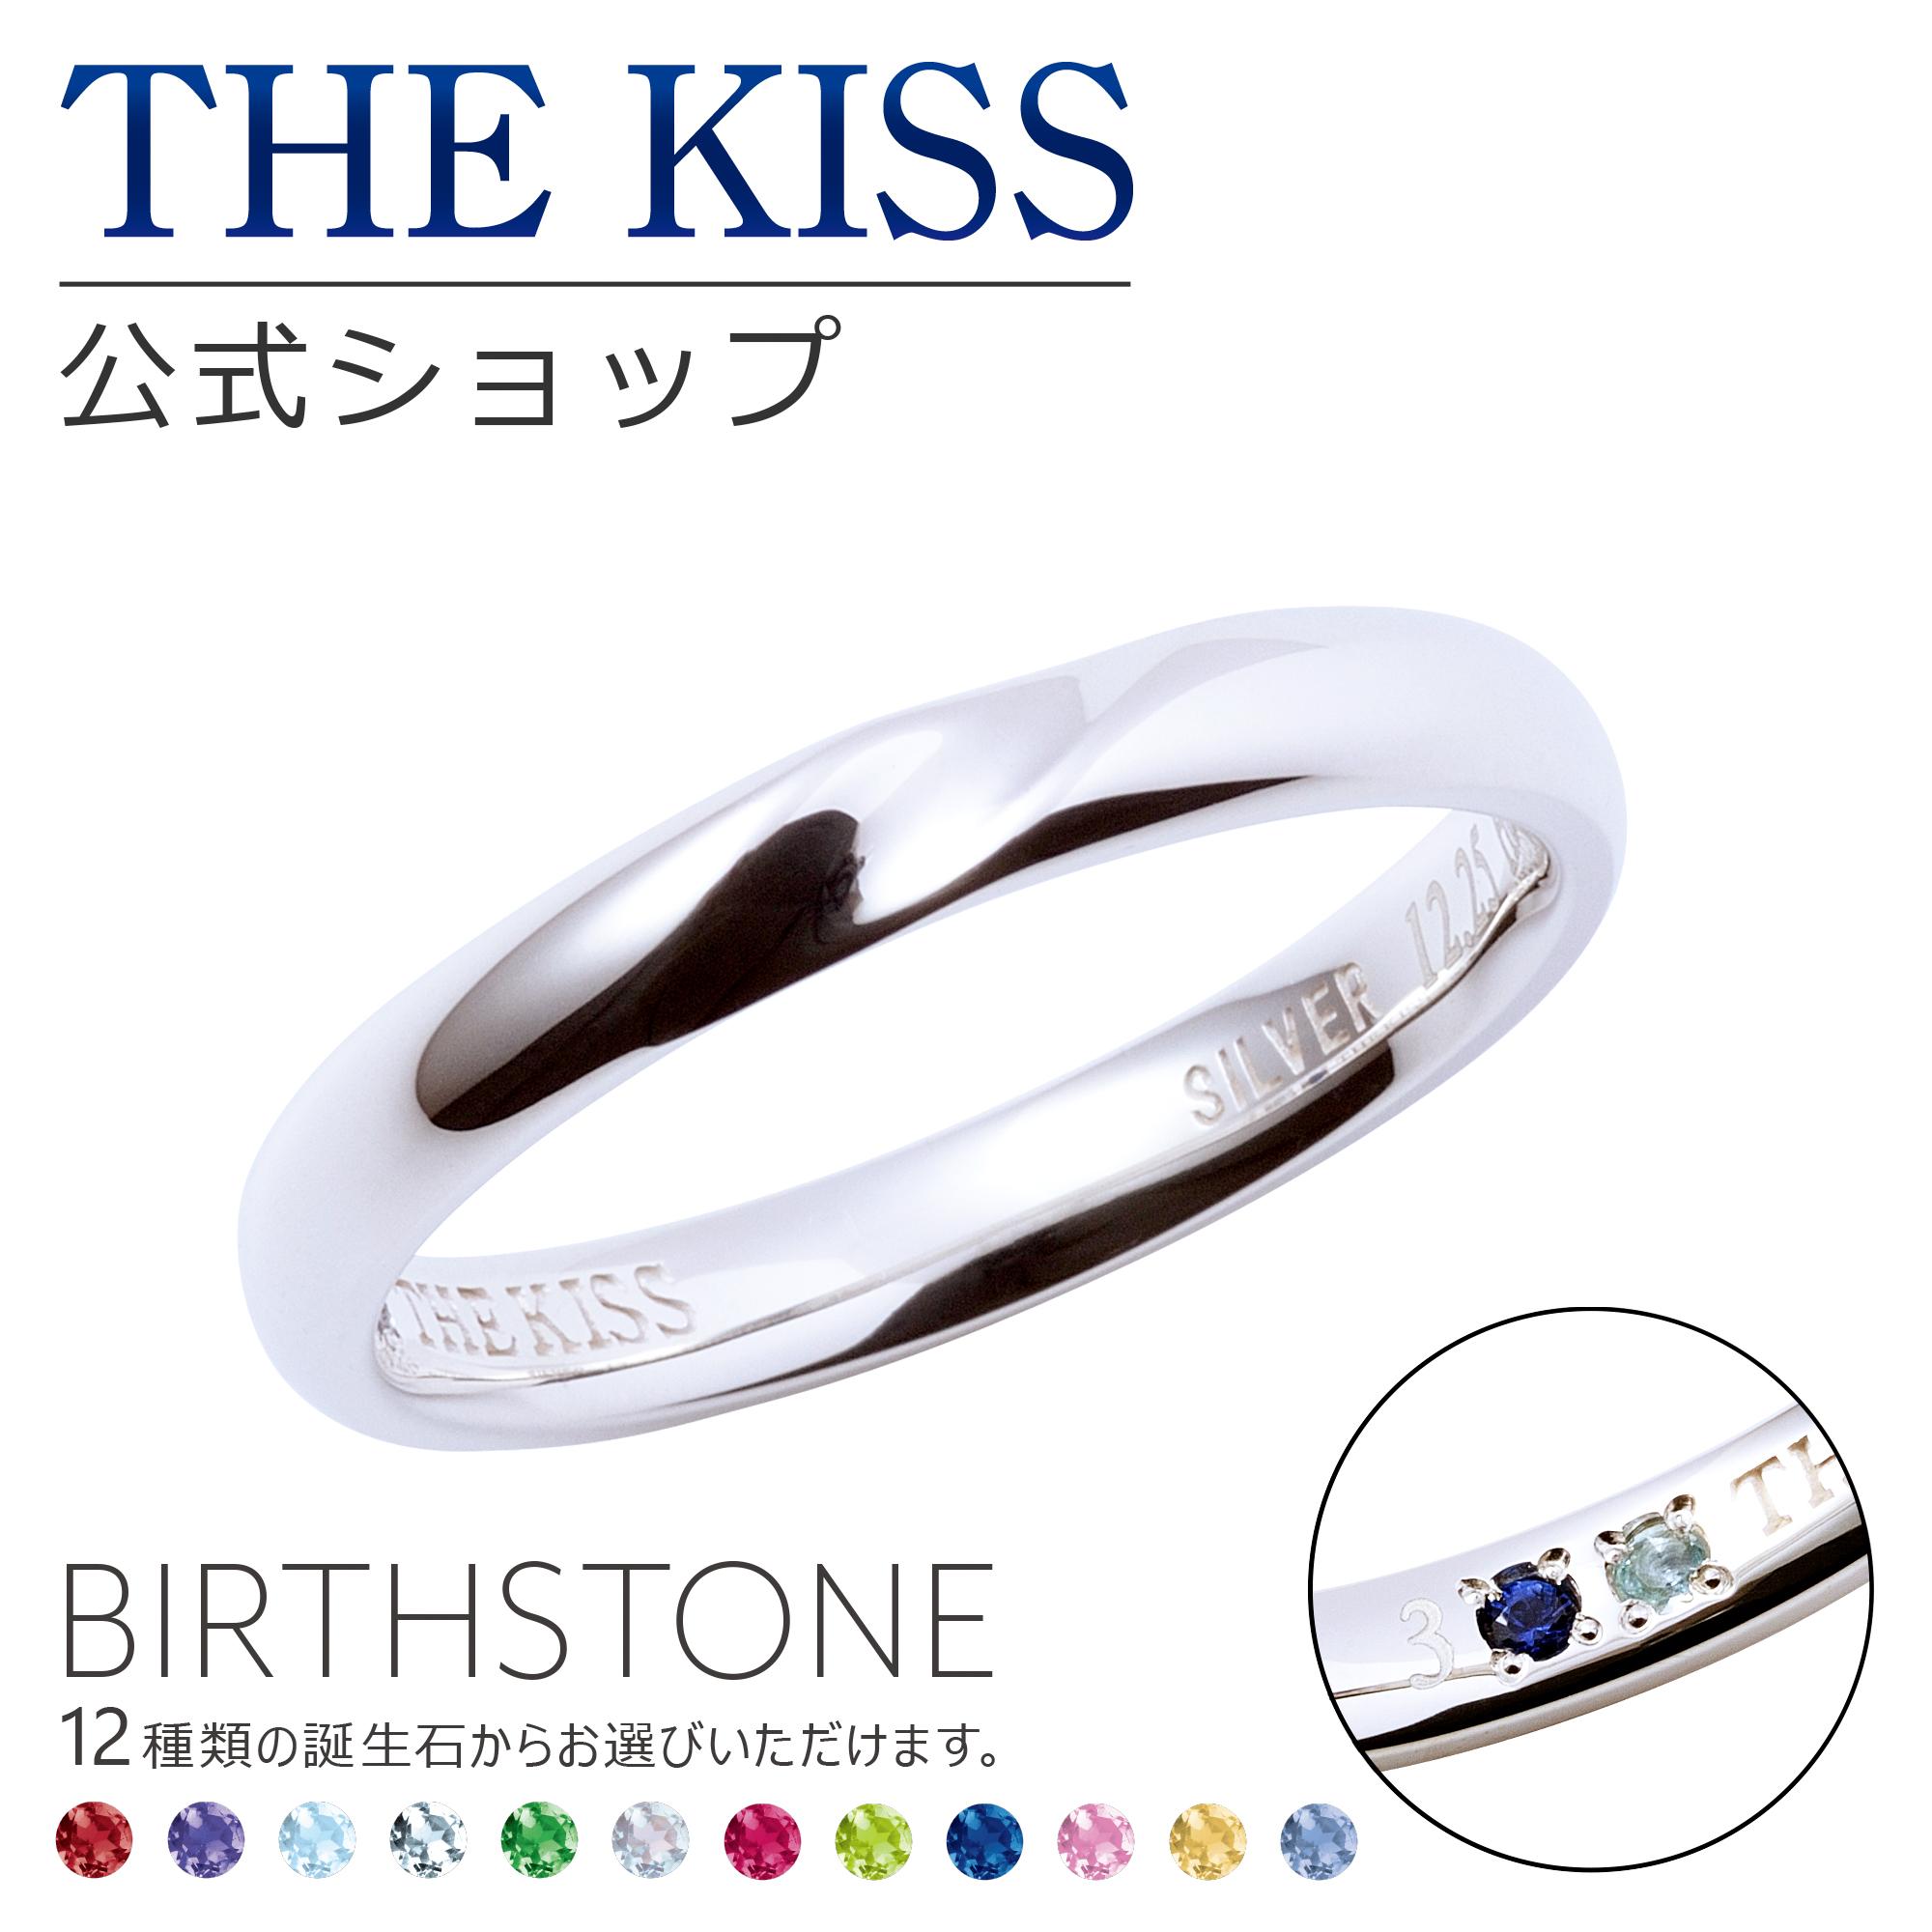 【刻印可_20文字】【代引不可】【THE KISS COUPLE'S】THE KISS 公式サイト セミオーダー シルバー ペアリング ( レディース ・ メンズ 単品 ) ペアアクセサリー カップル に 人気 の ジュエリーブランド THEKISS ペア リング・指輪 誕生石 ザキス BD-R1502SV 【送料無料】